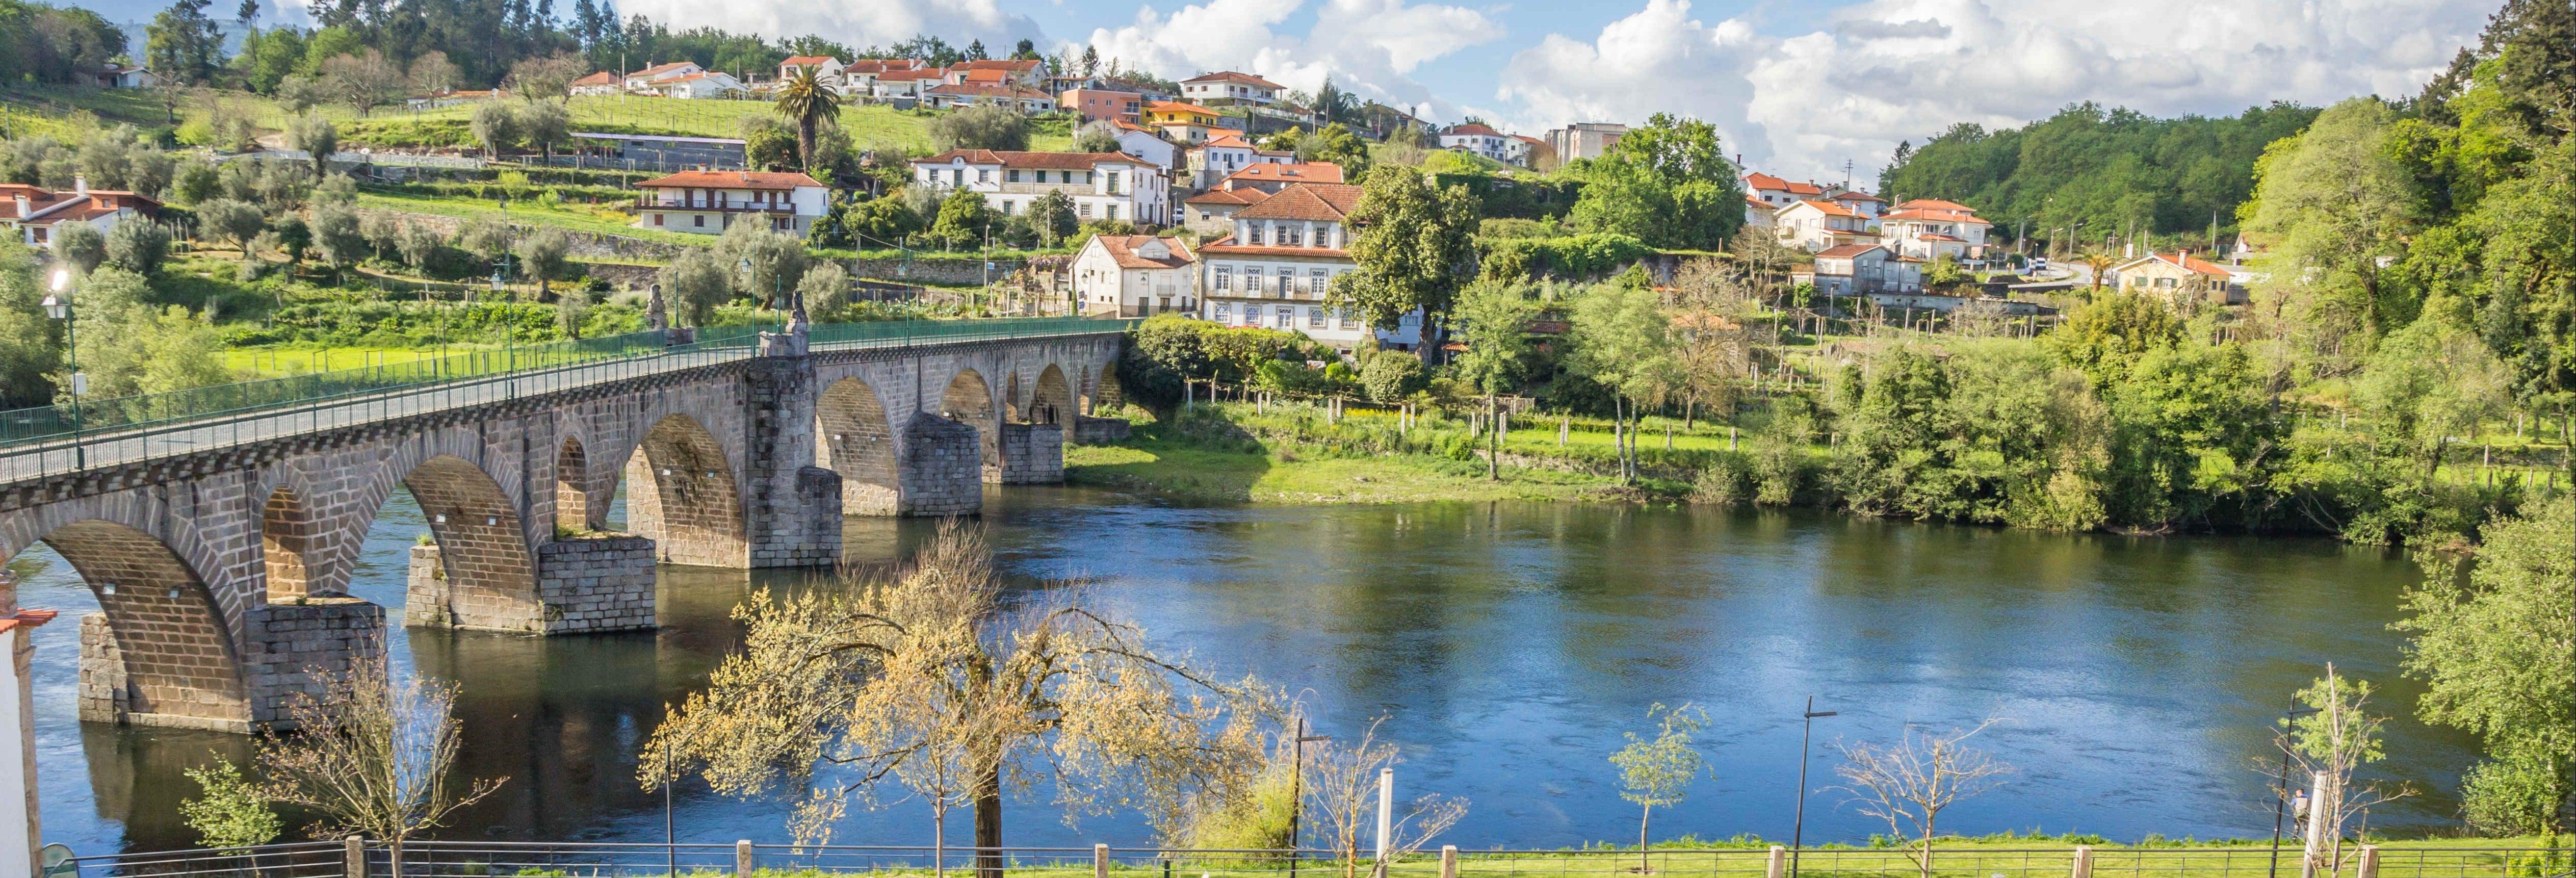 Tour pelos povoados do norte de Portugal